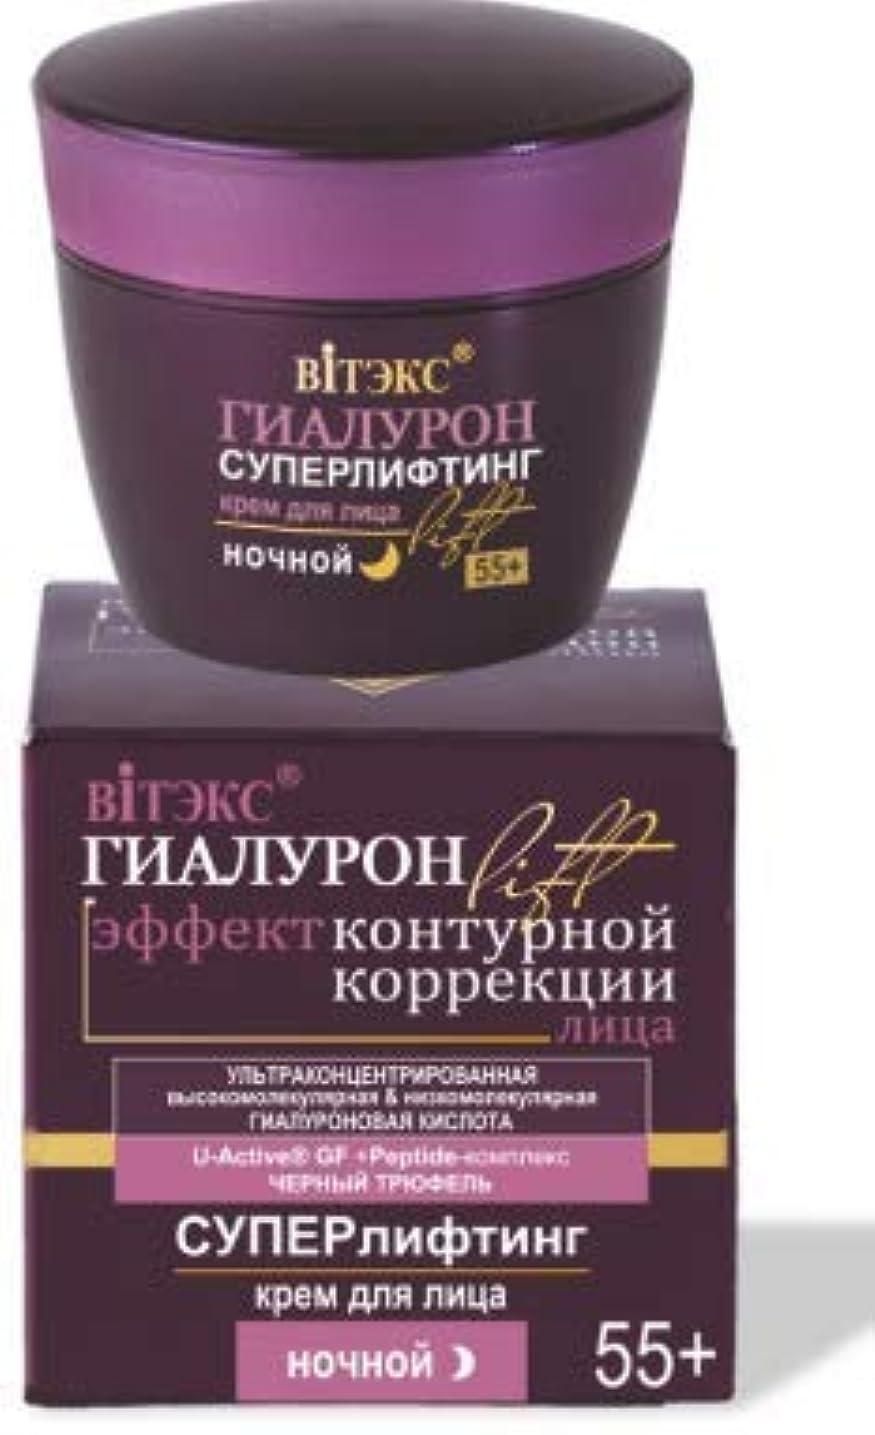 作家手段勧めるNIGHT Cream for face 55+ - Super Lifting   Tightens The face Oval, Struggles with The Sagging of The Skin, restores...